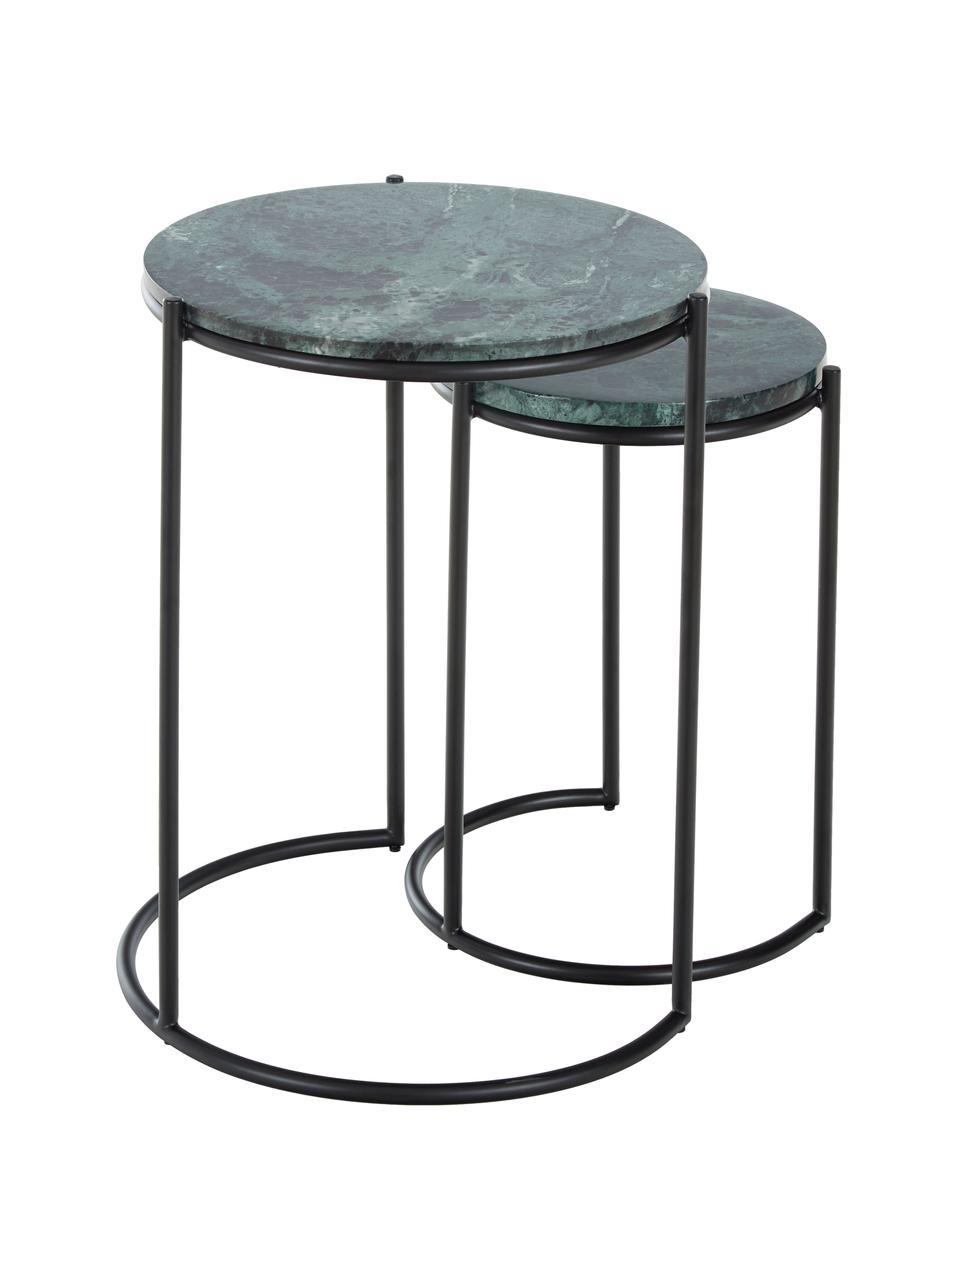 Marmor-Beistelltisch-Set Ella, 2-tlg., Tischplatten: Grüner MarmorGestelle: Schwarz, matt, Sondergrößen